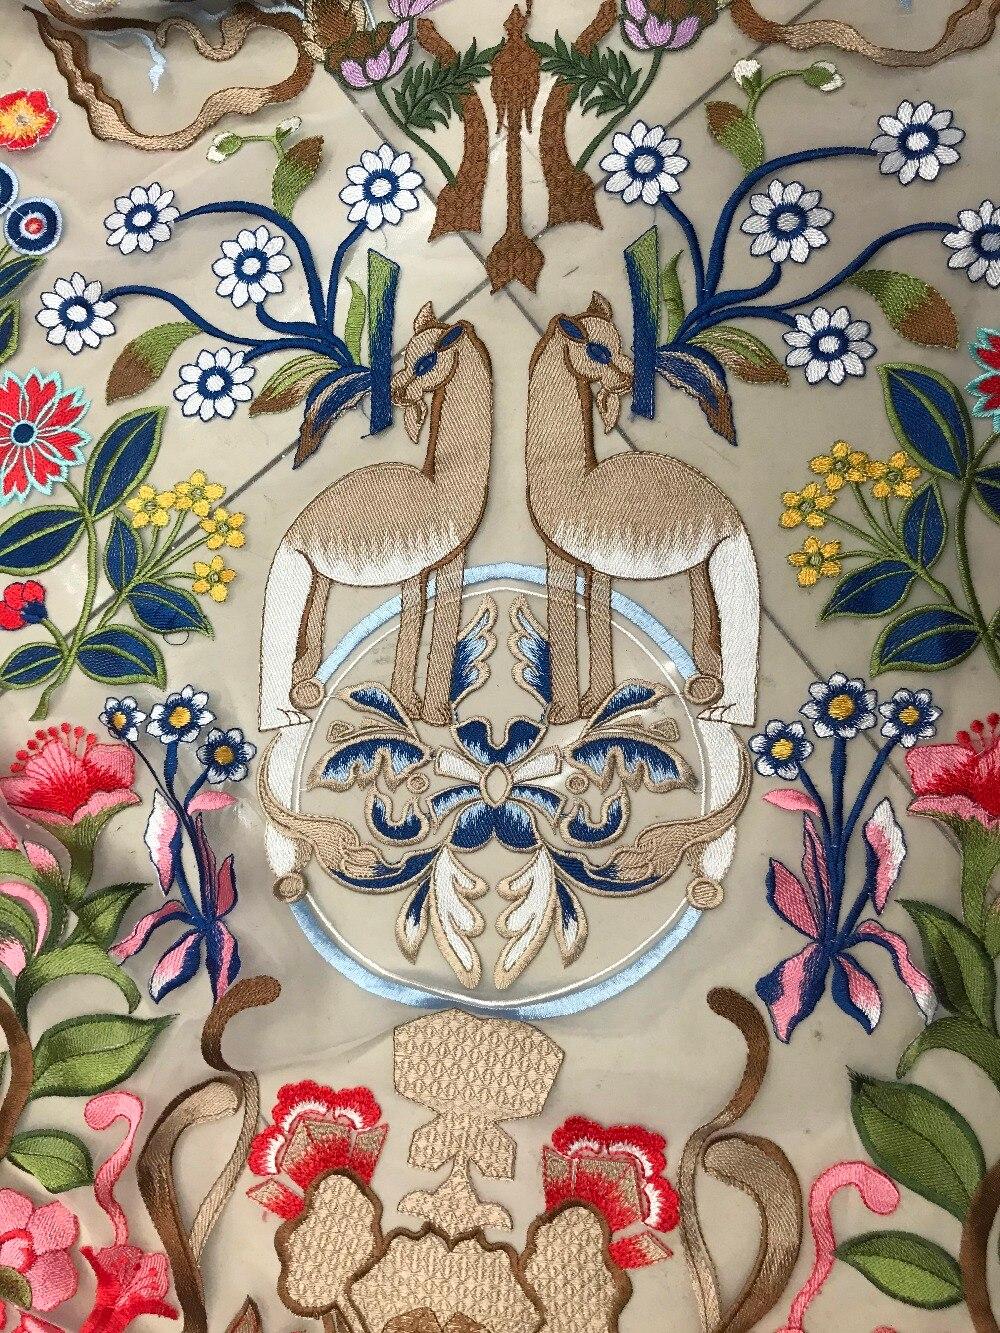 Embroidere 綿生地アフリカレース新フレンチレース生地高品質アフリカレースの生地ウェディングドレス 5y  グループ上の ホーム&ガーデン からの レース の中 1